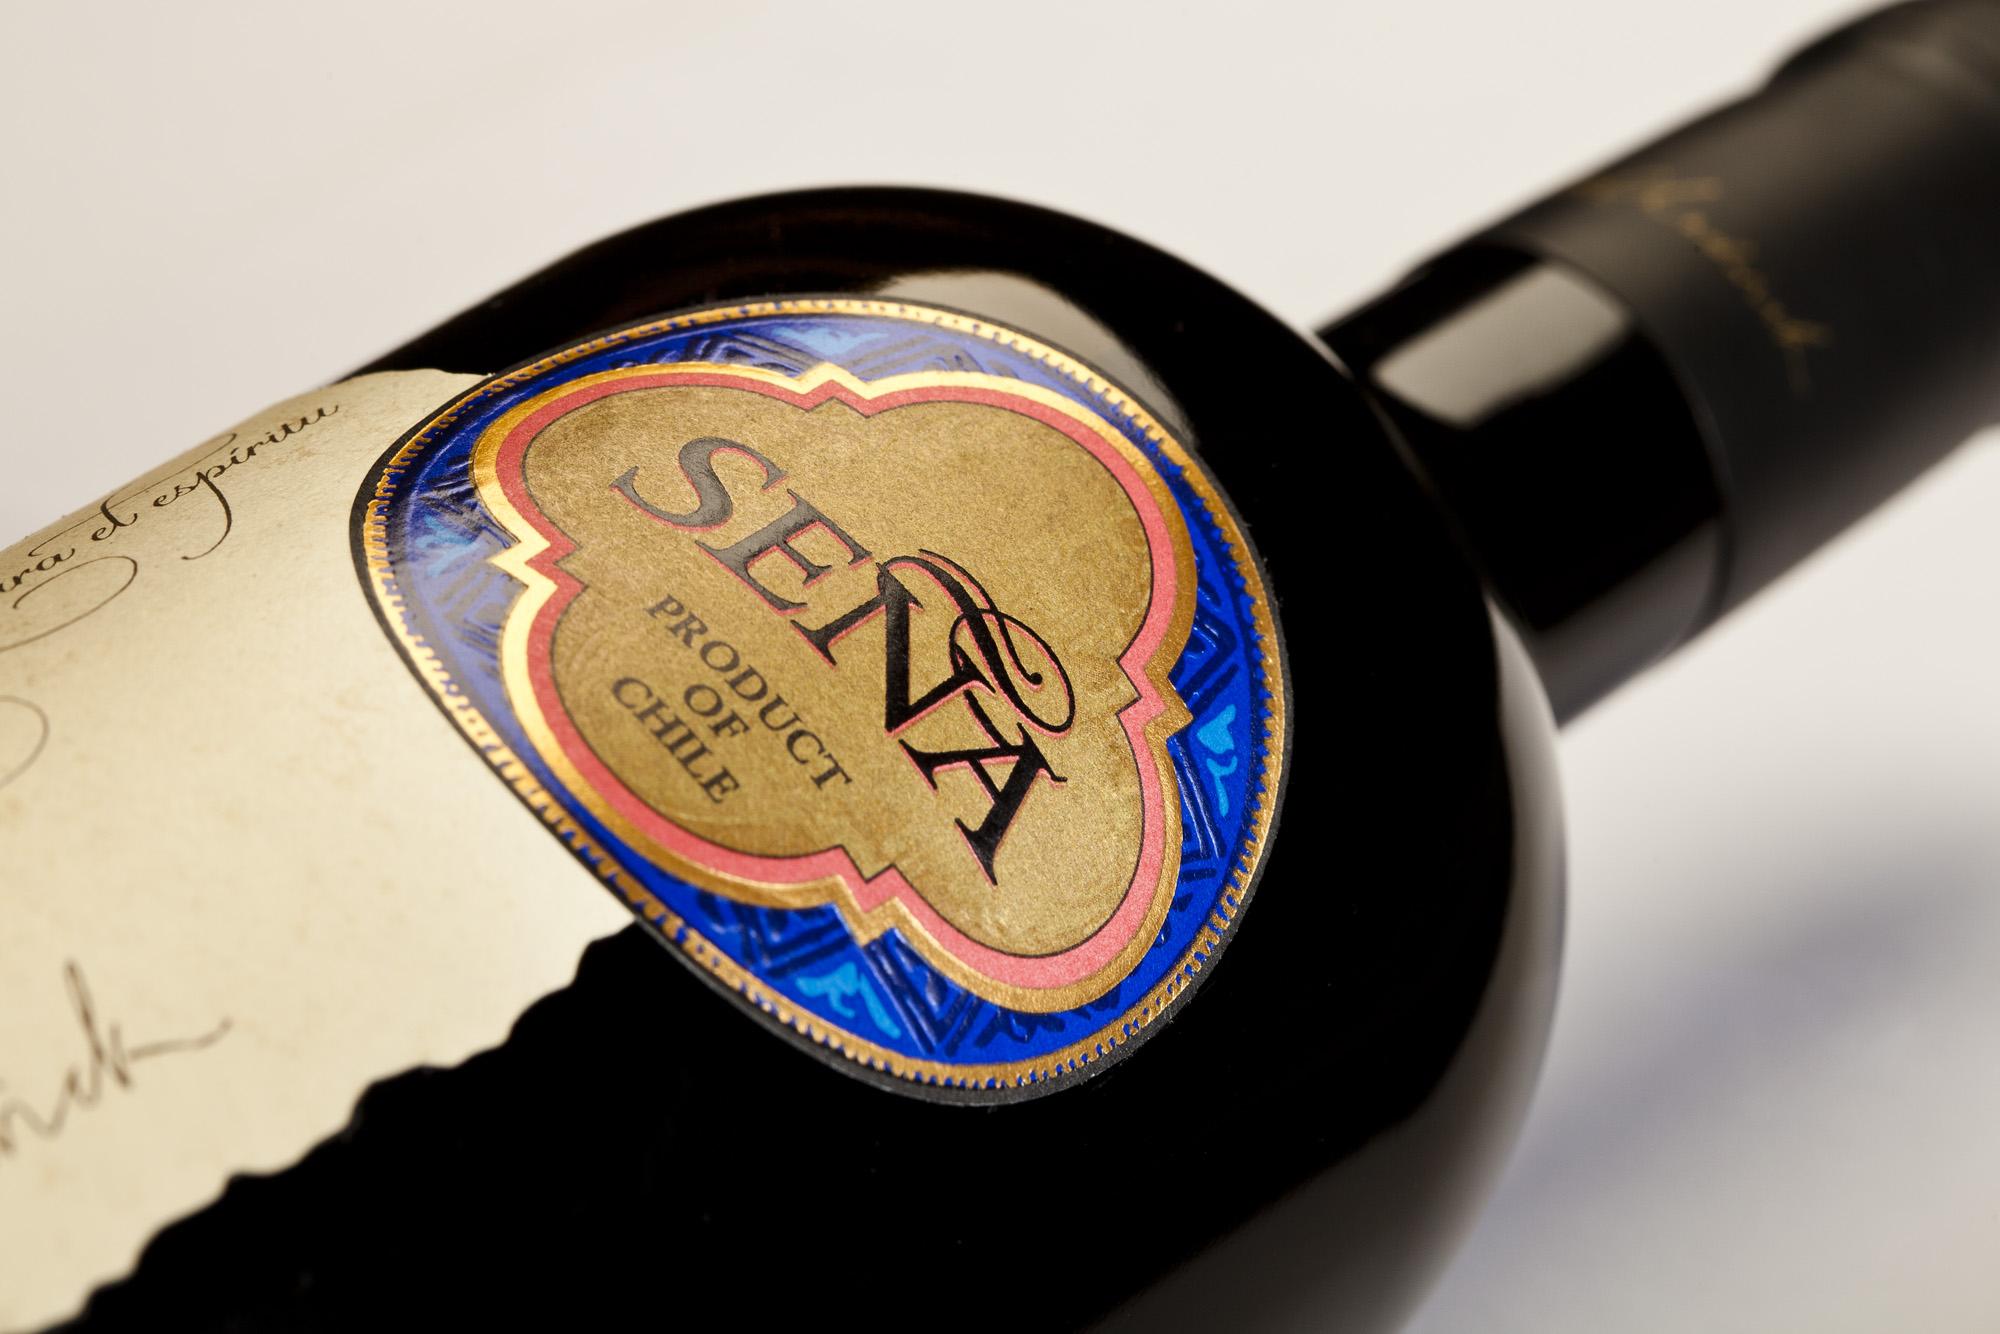 2010年份桑雅酒庄红葡萄酒